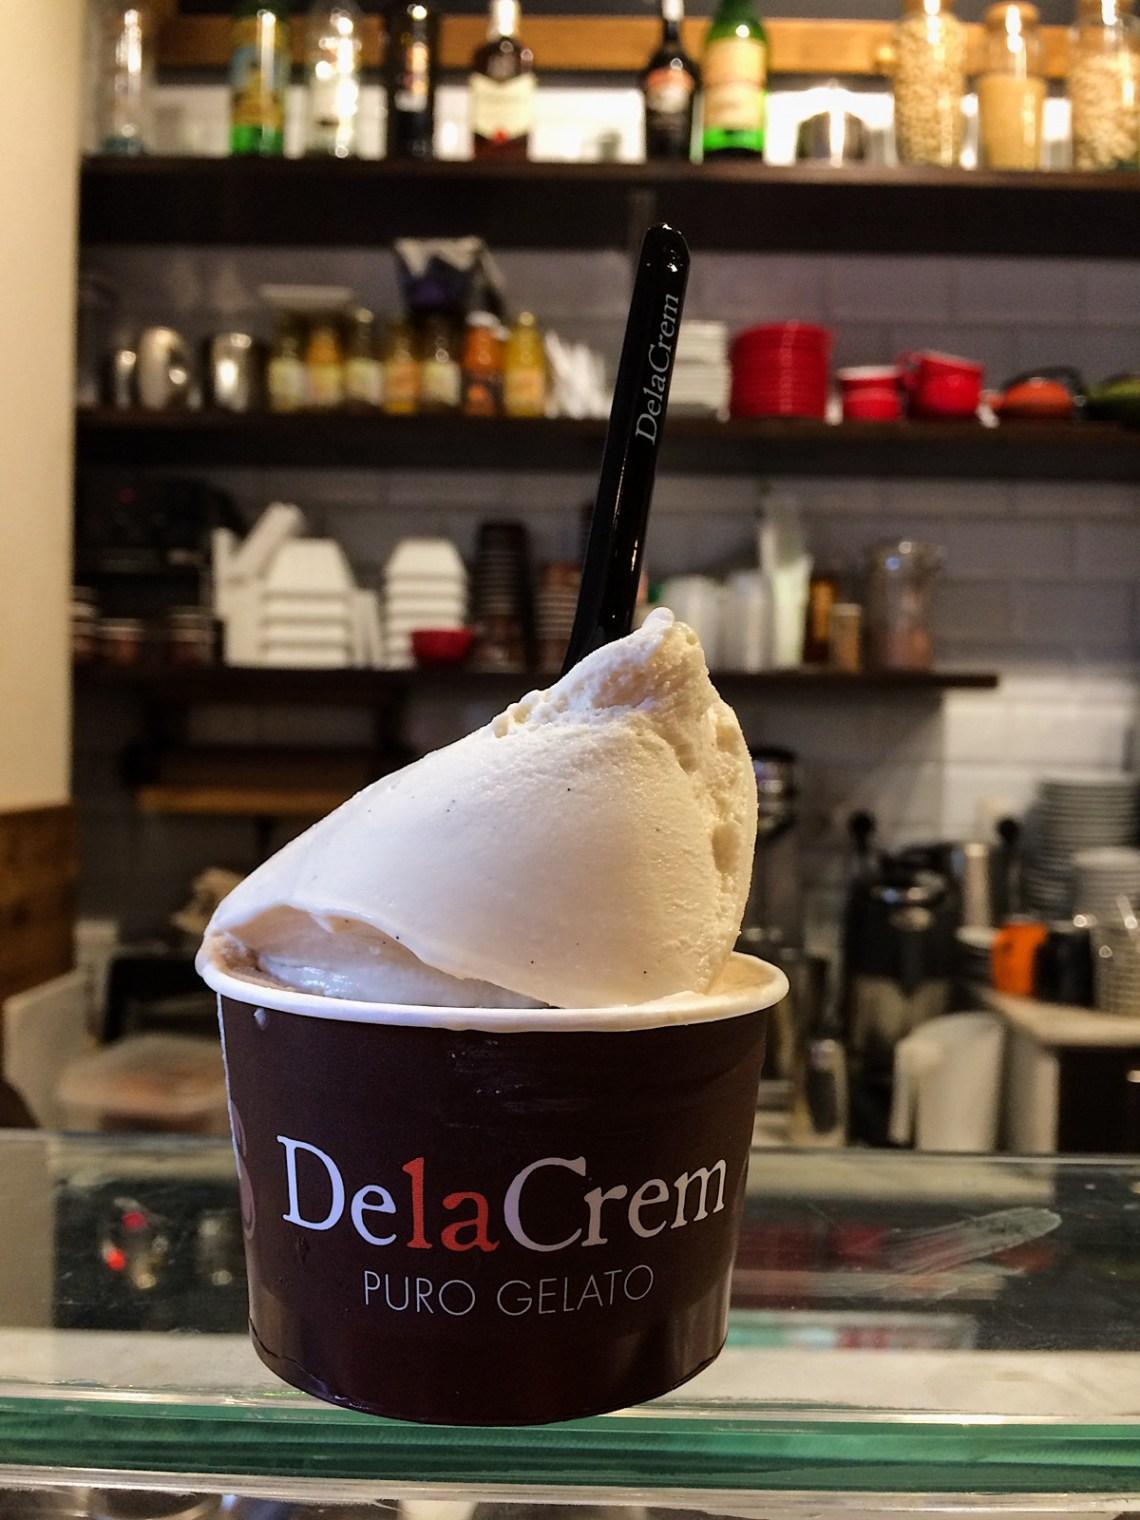 Delacrem. 5 de los mejores helados de Barcelona by mrandmslemon.com